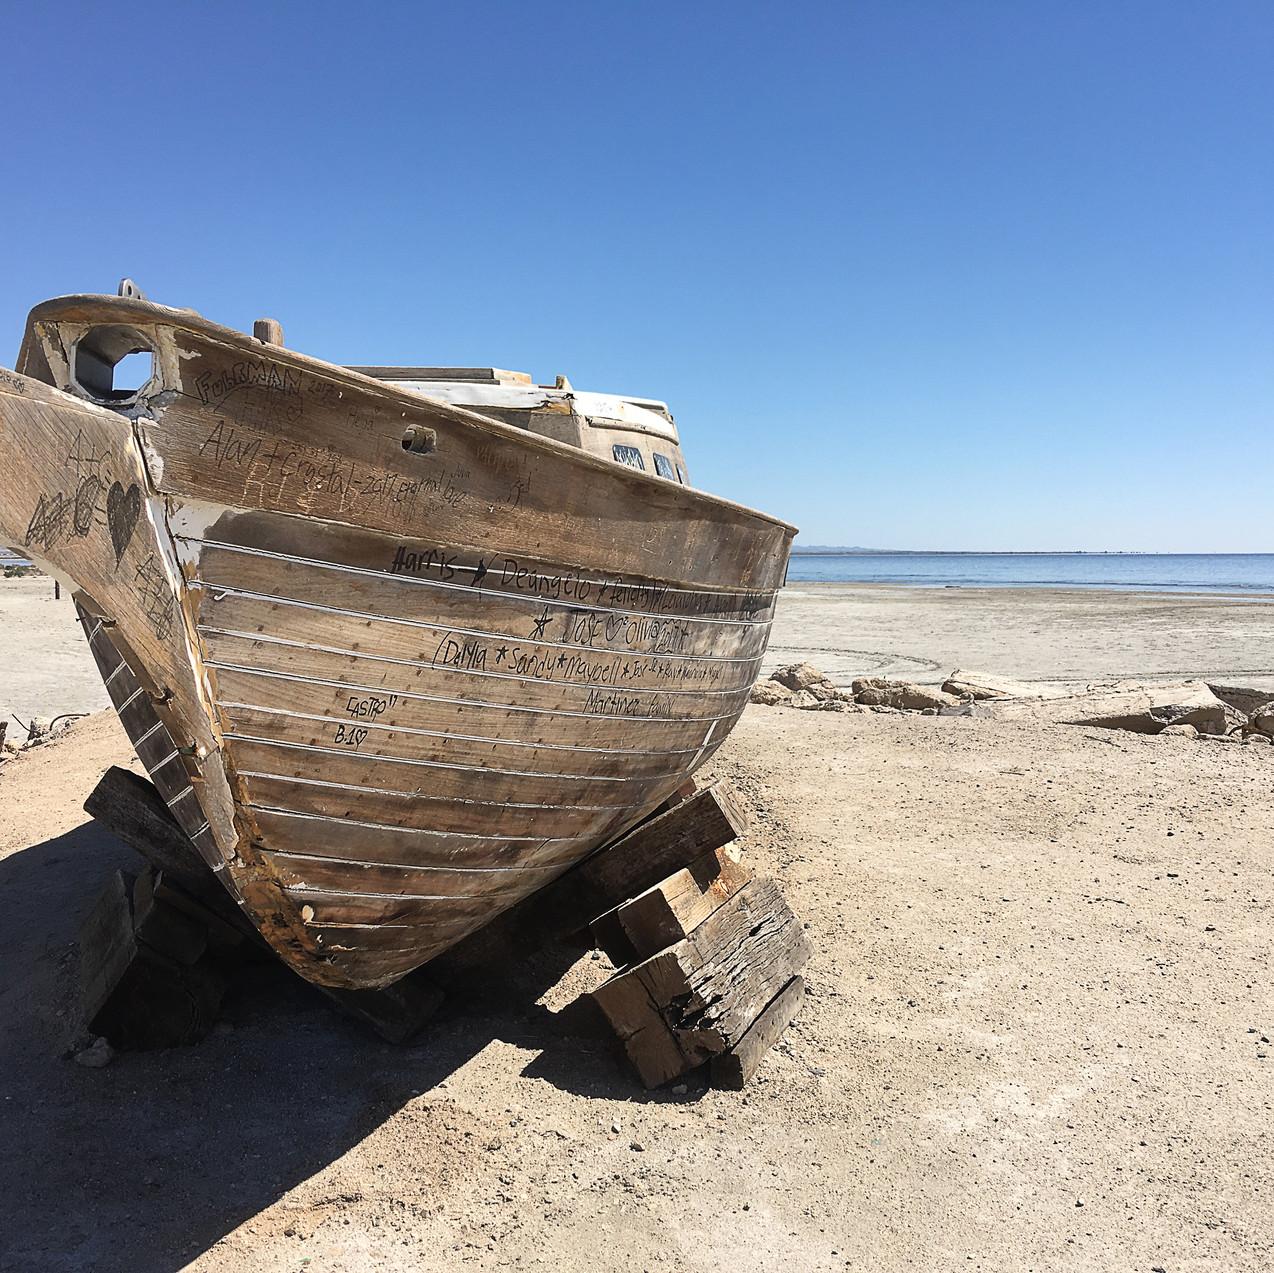 Abandoned boat, Bombay Beach